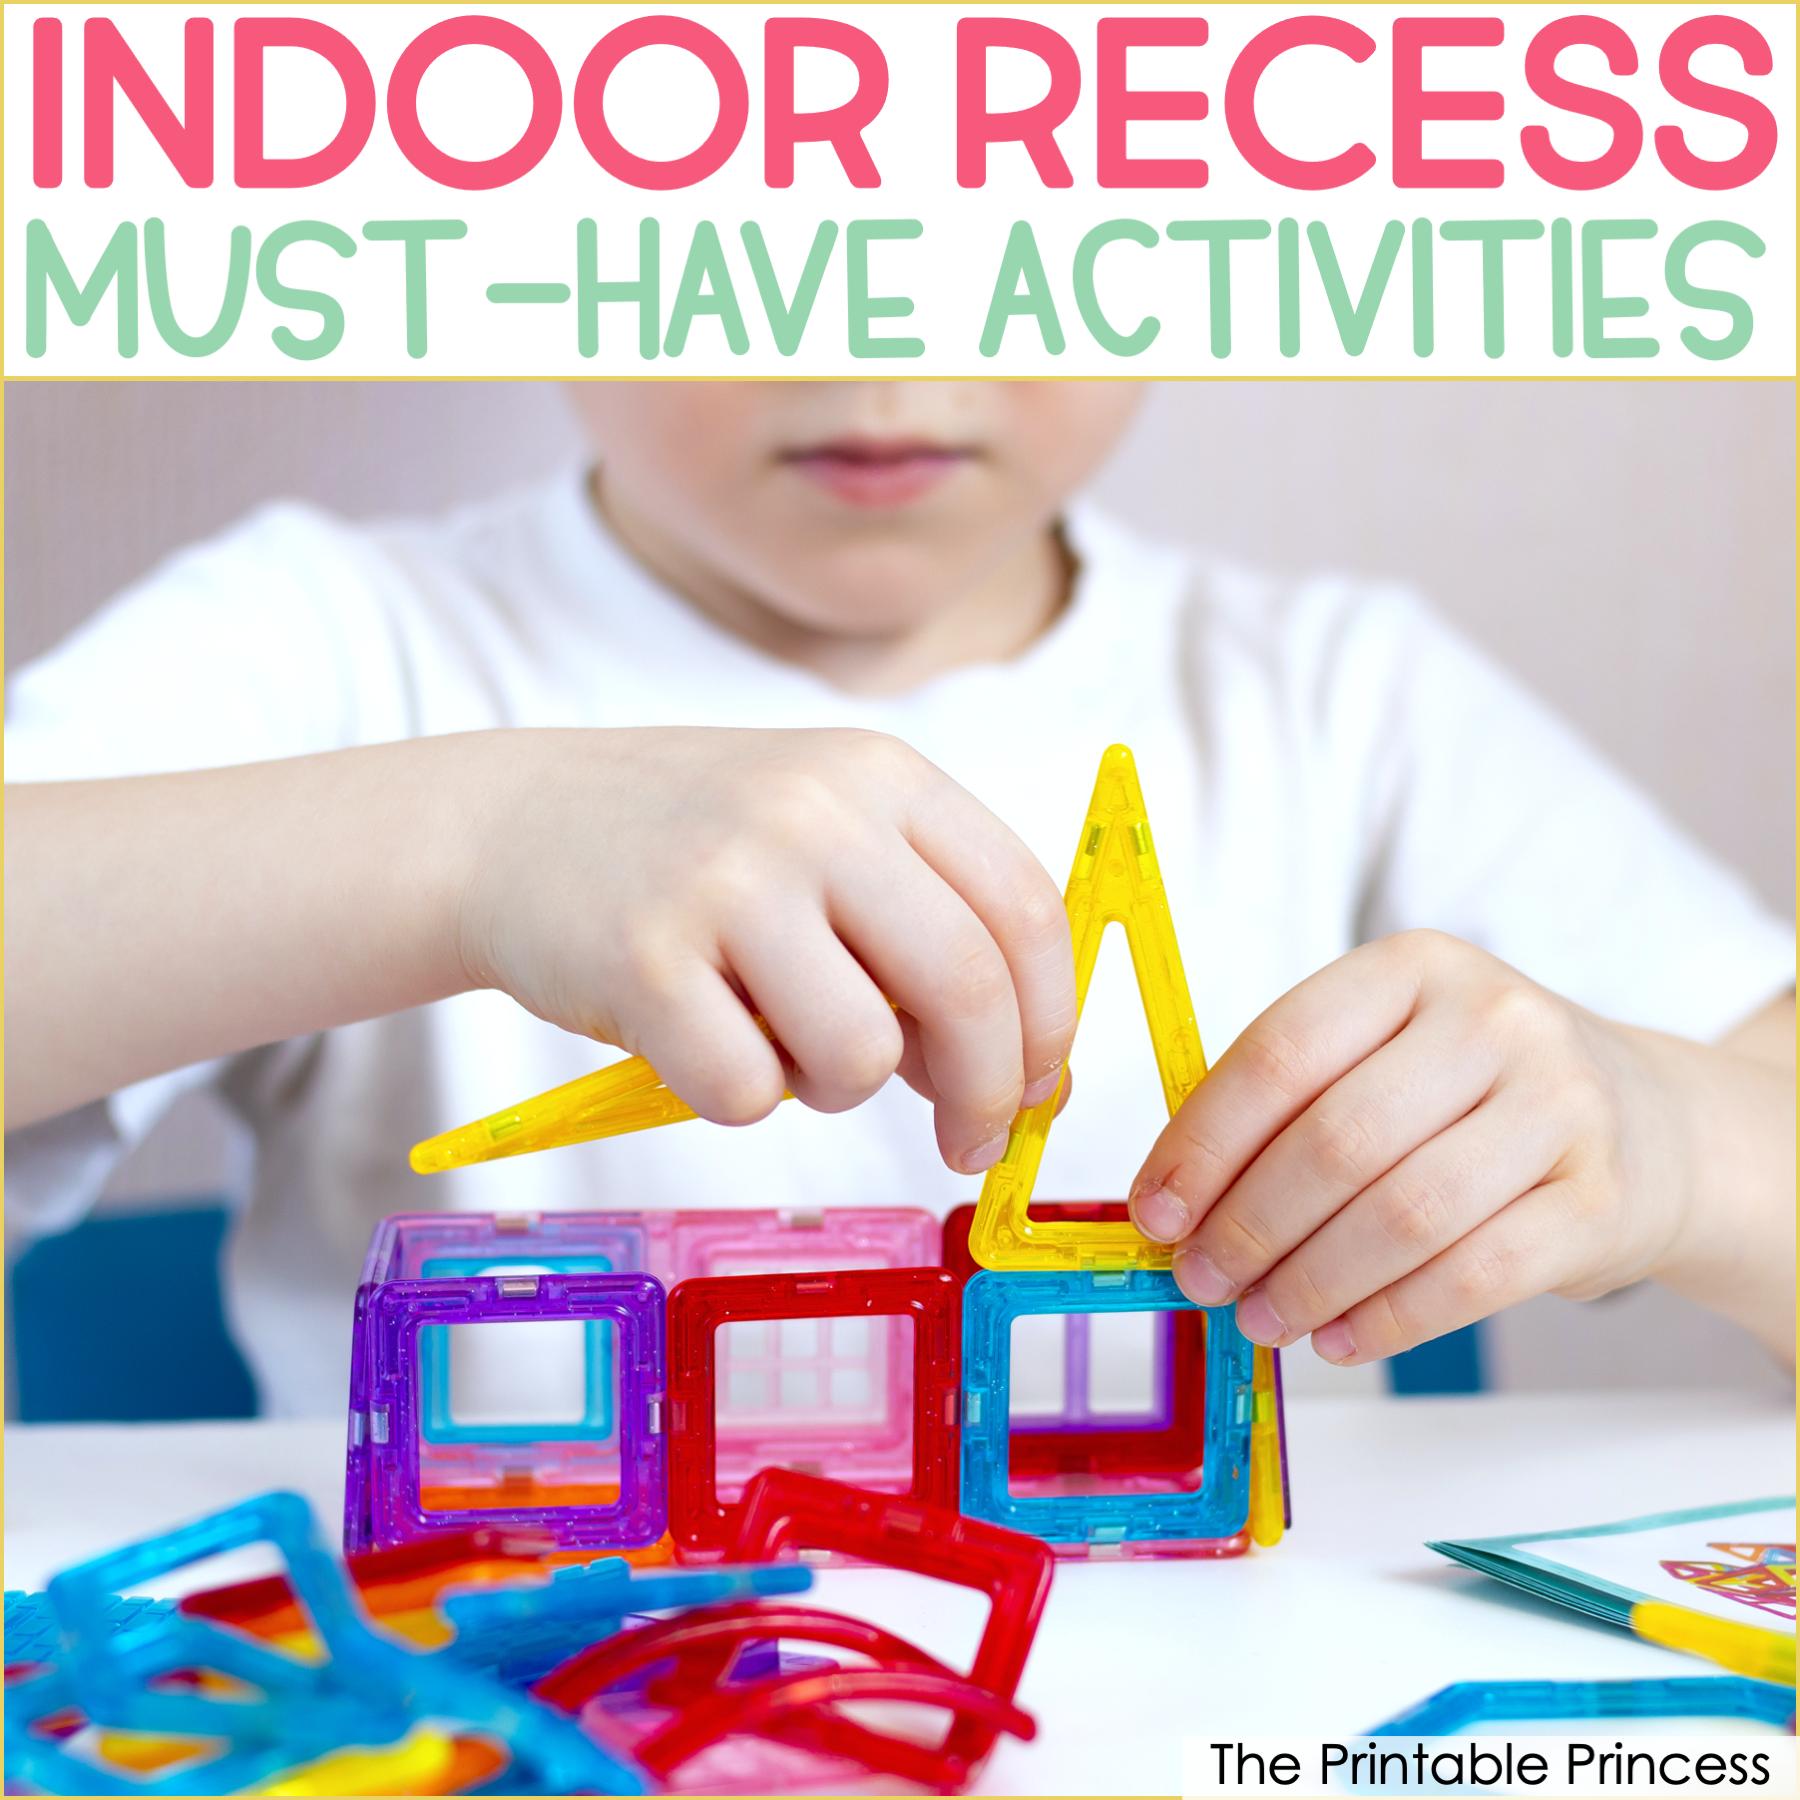 12 Indoor Recess Must-Haves for Kindergarten